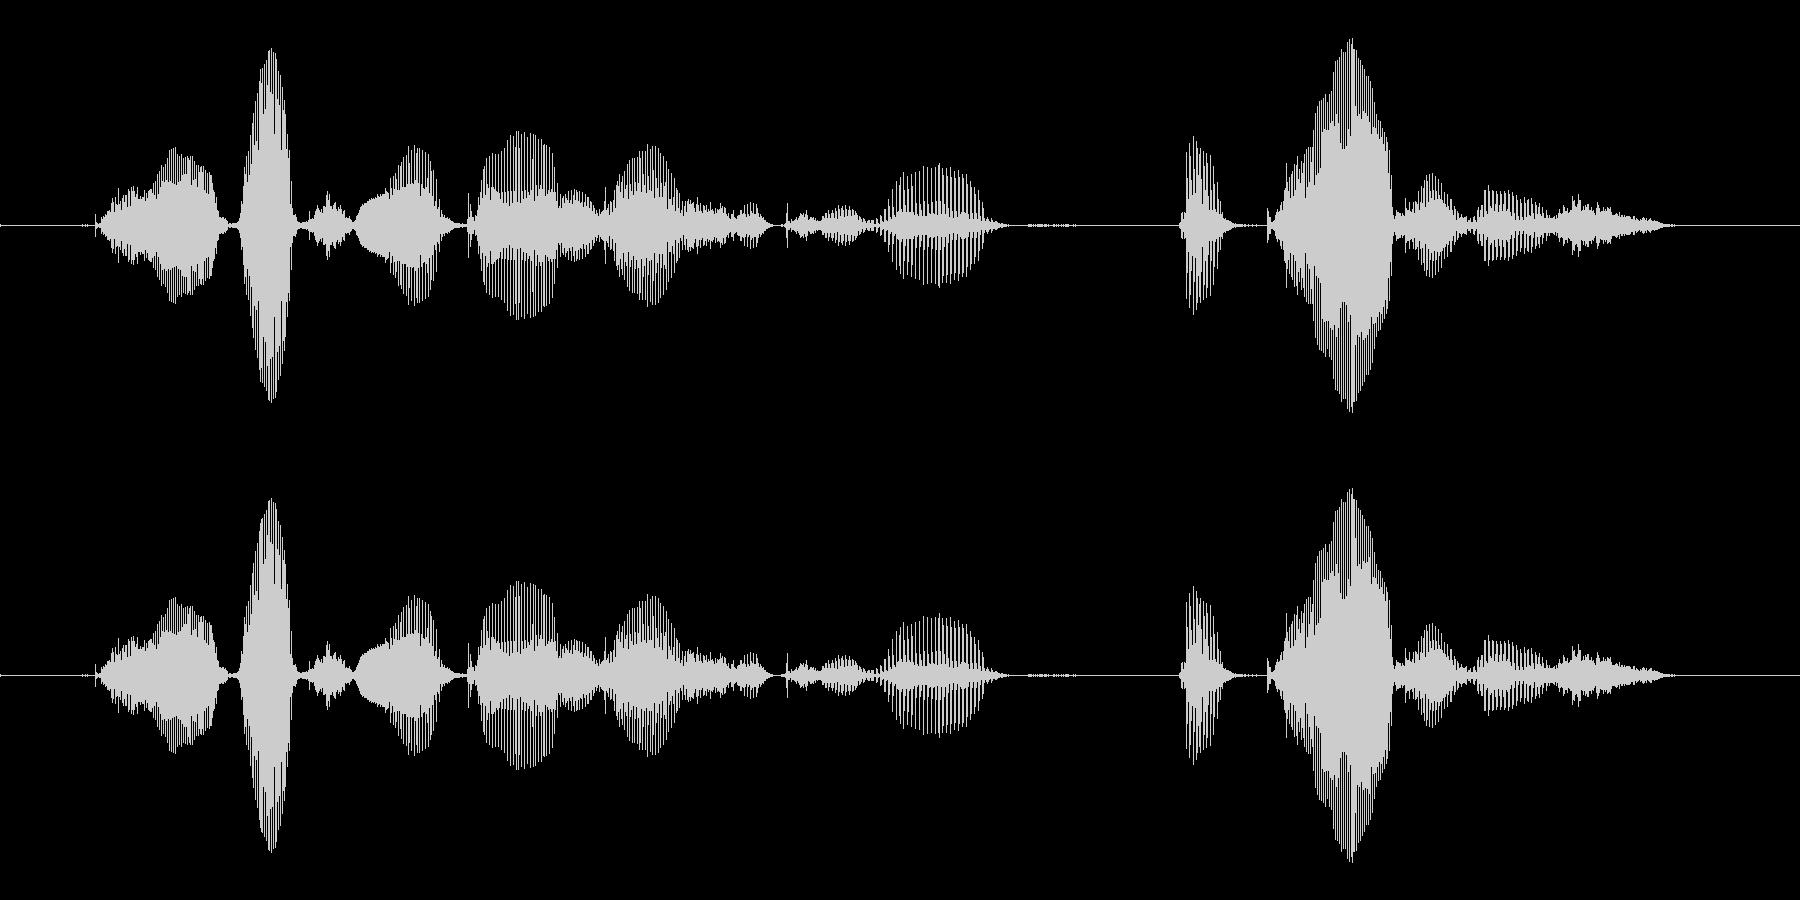 【誕生石】10月の誕生石は、オパールですの未再生の波形